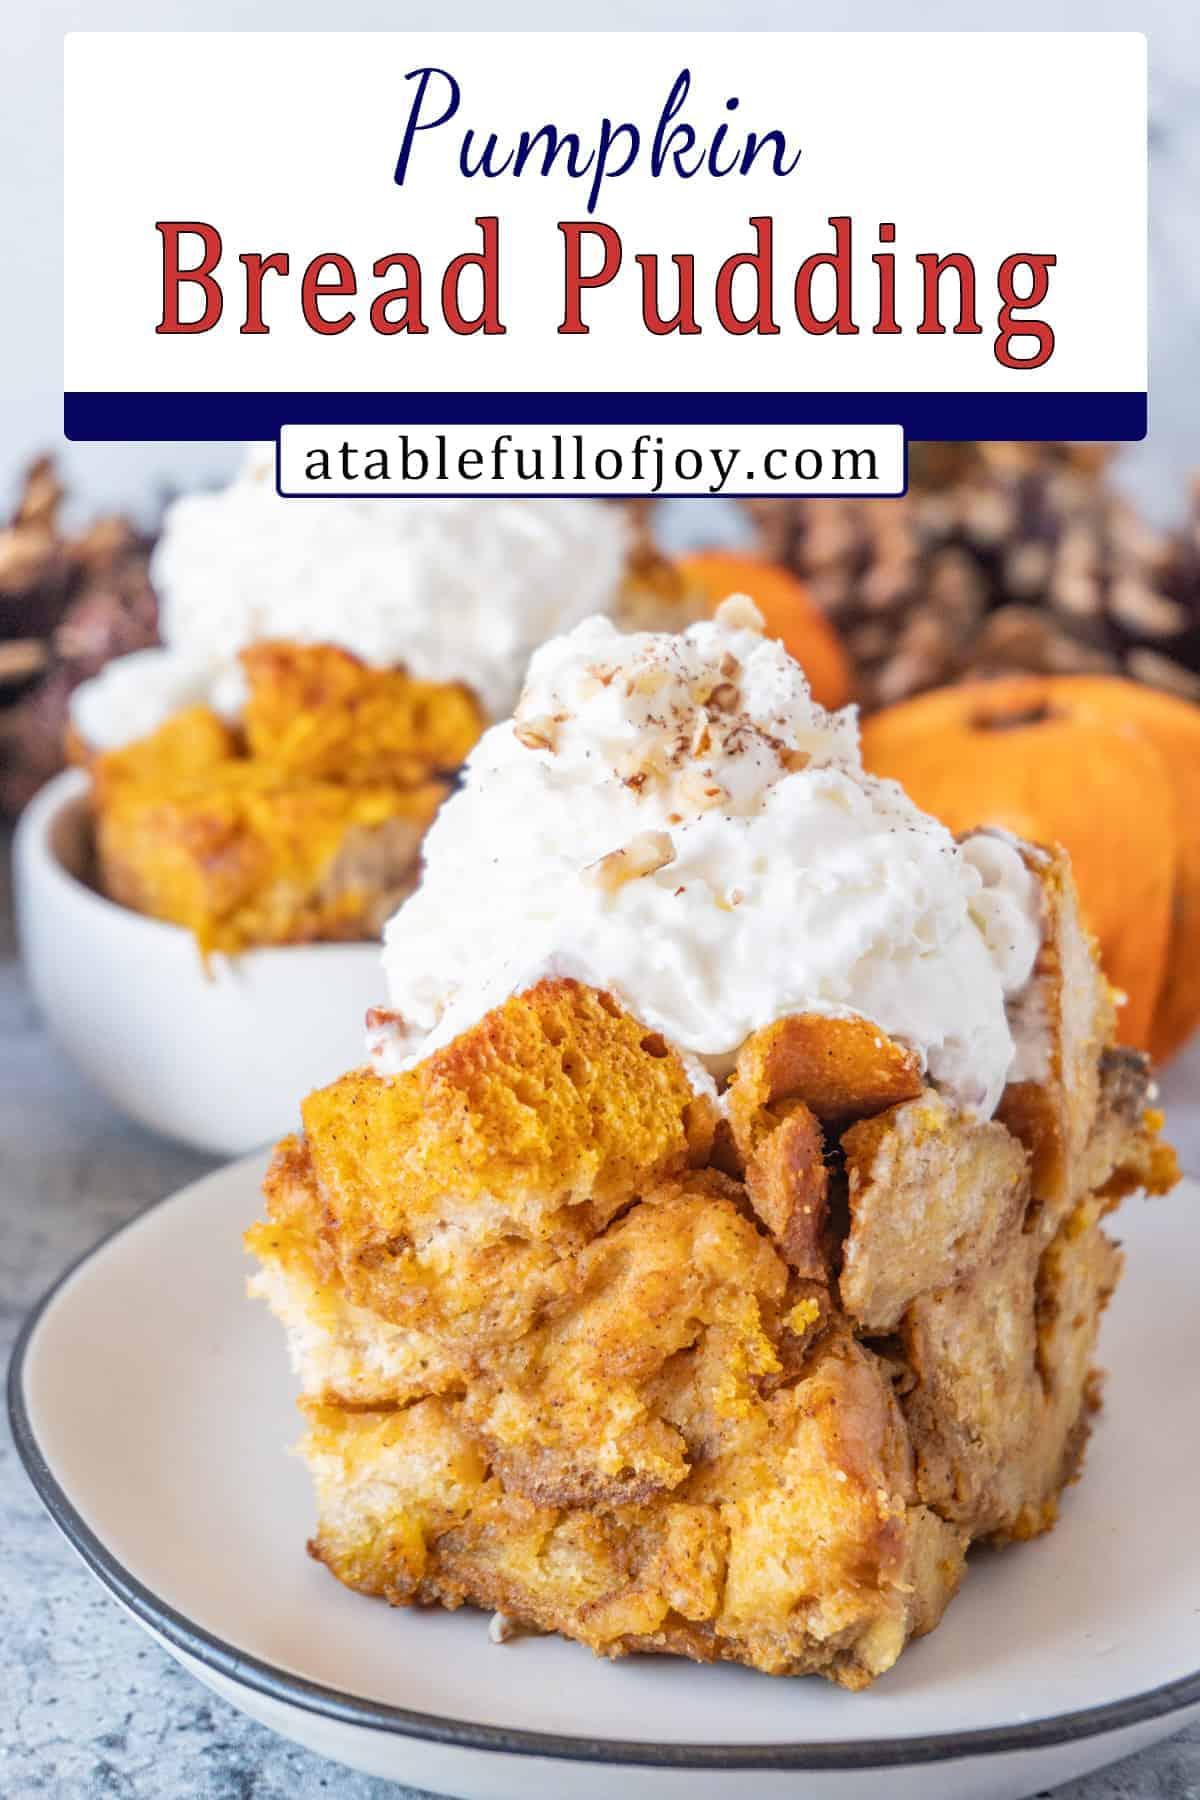 Pumpkin bread pudding pinterest pin